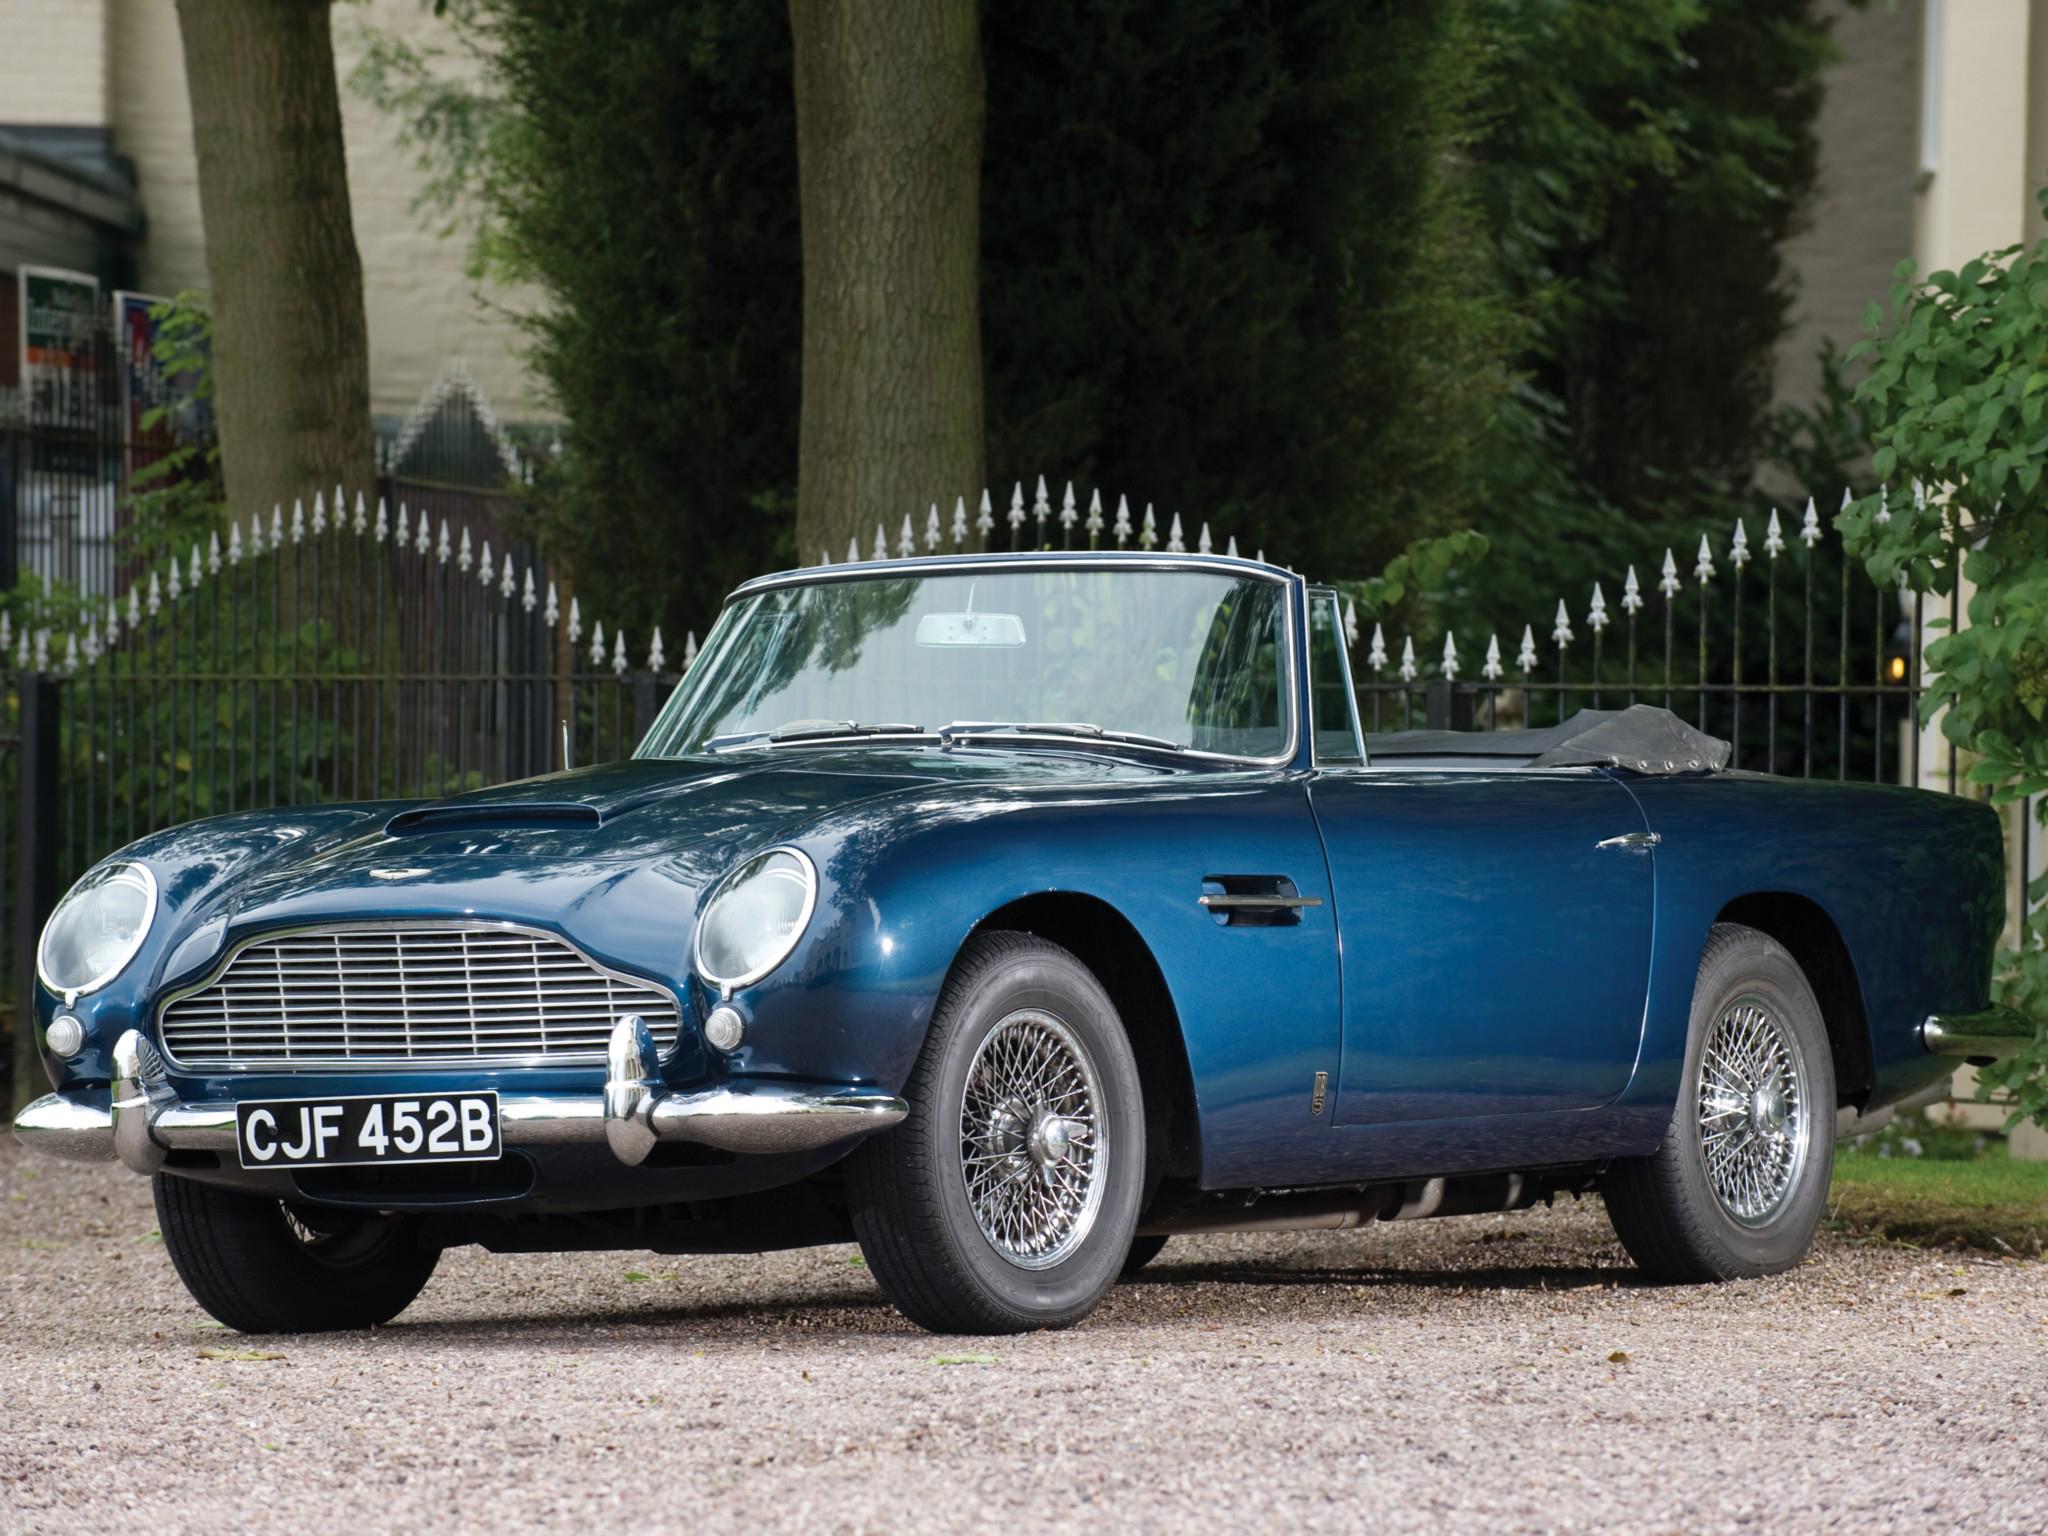 Aston Martin DB5 Volante 19631965 wallpaper 2048x1536